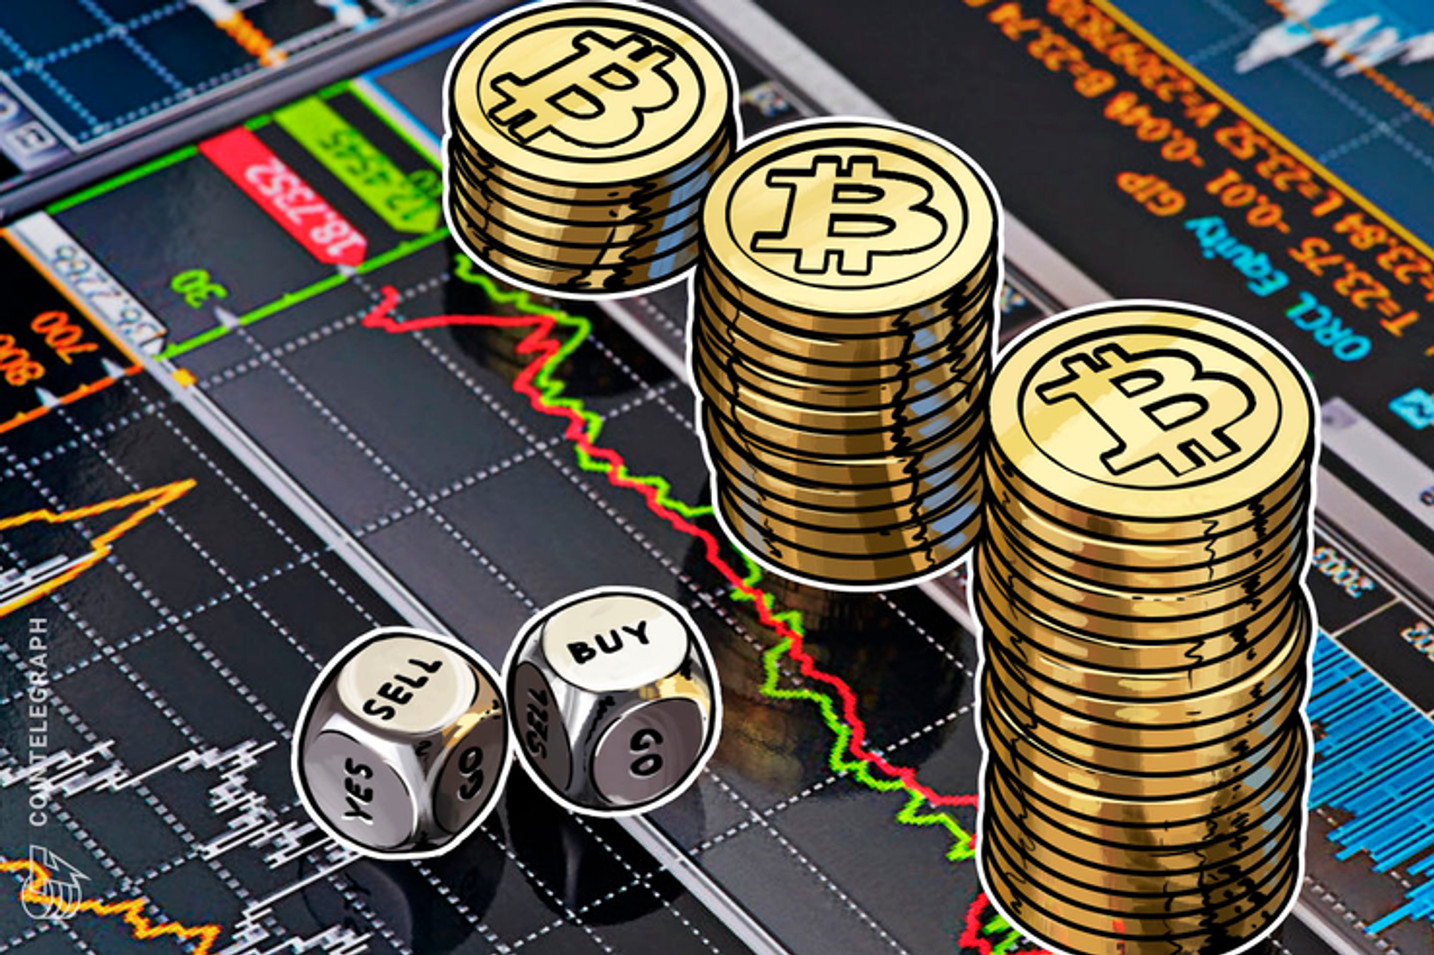 Mercado financeiro tem dia de alta; ações da Cielo derretem e BTC tem novo teste em US$ 10.000